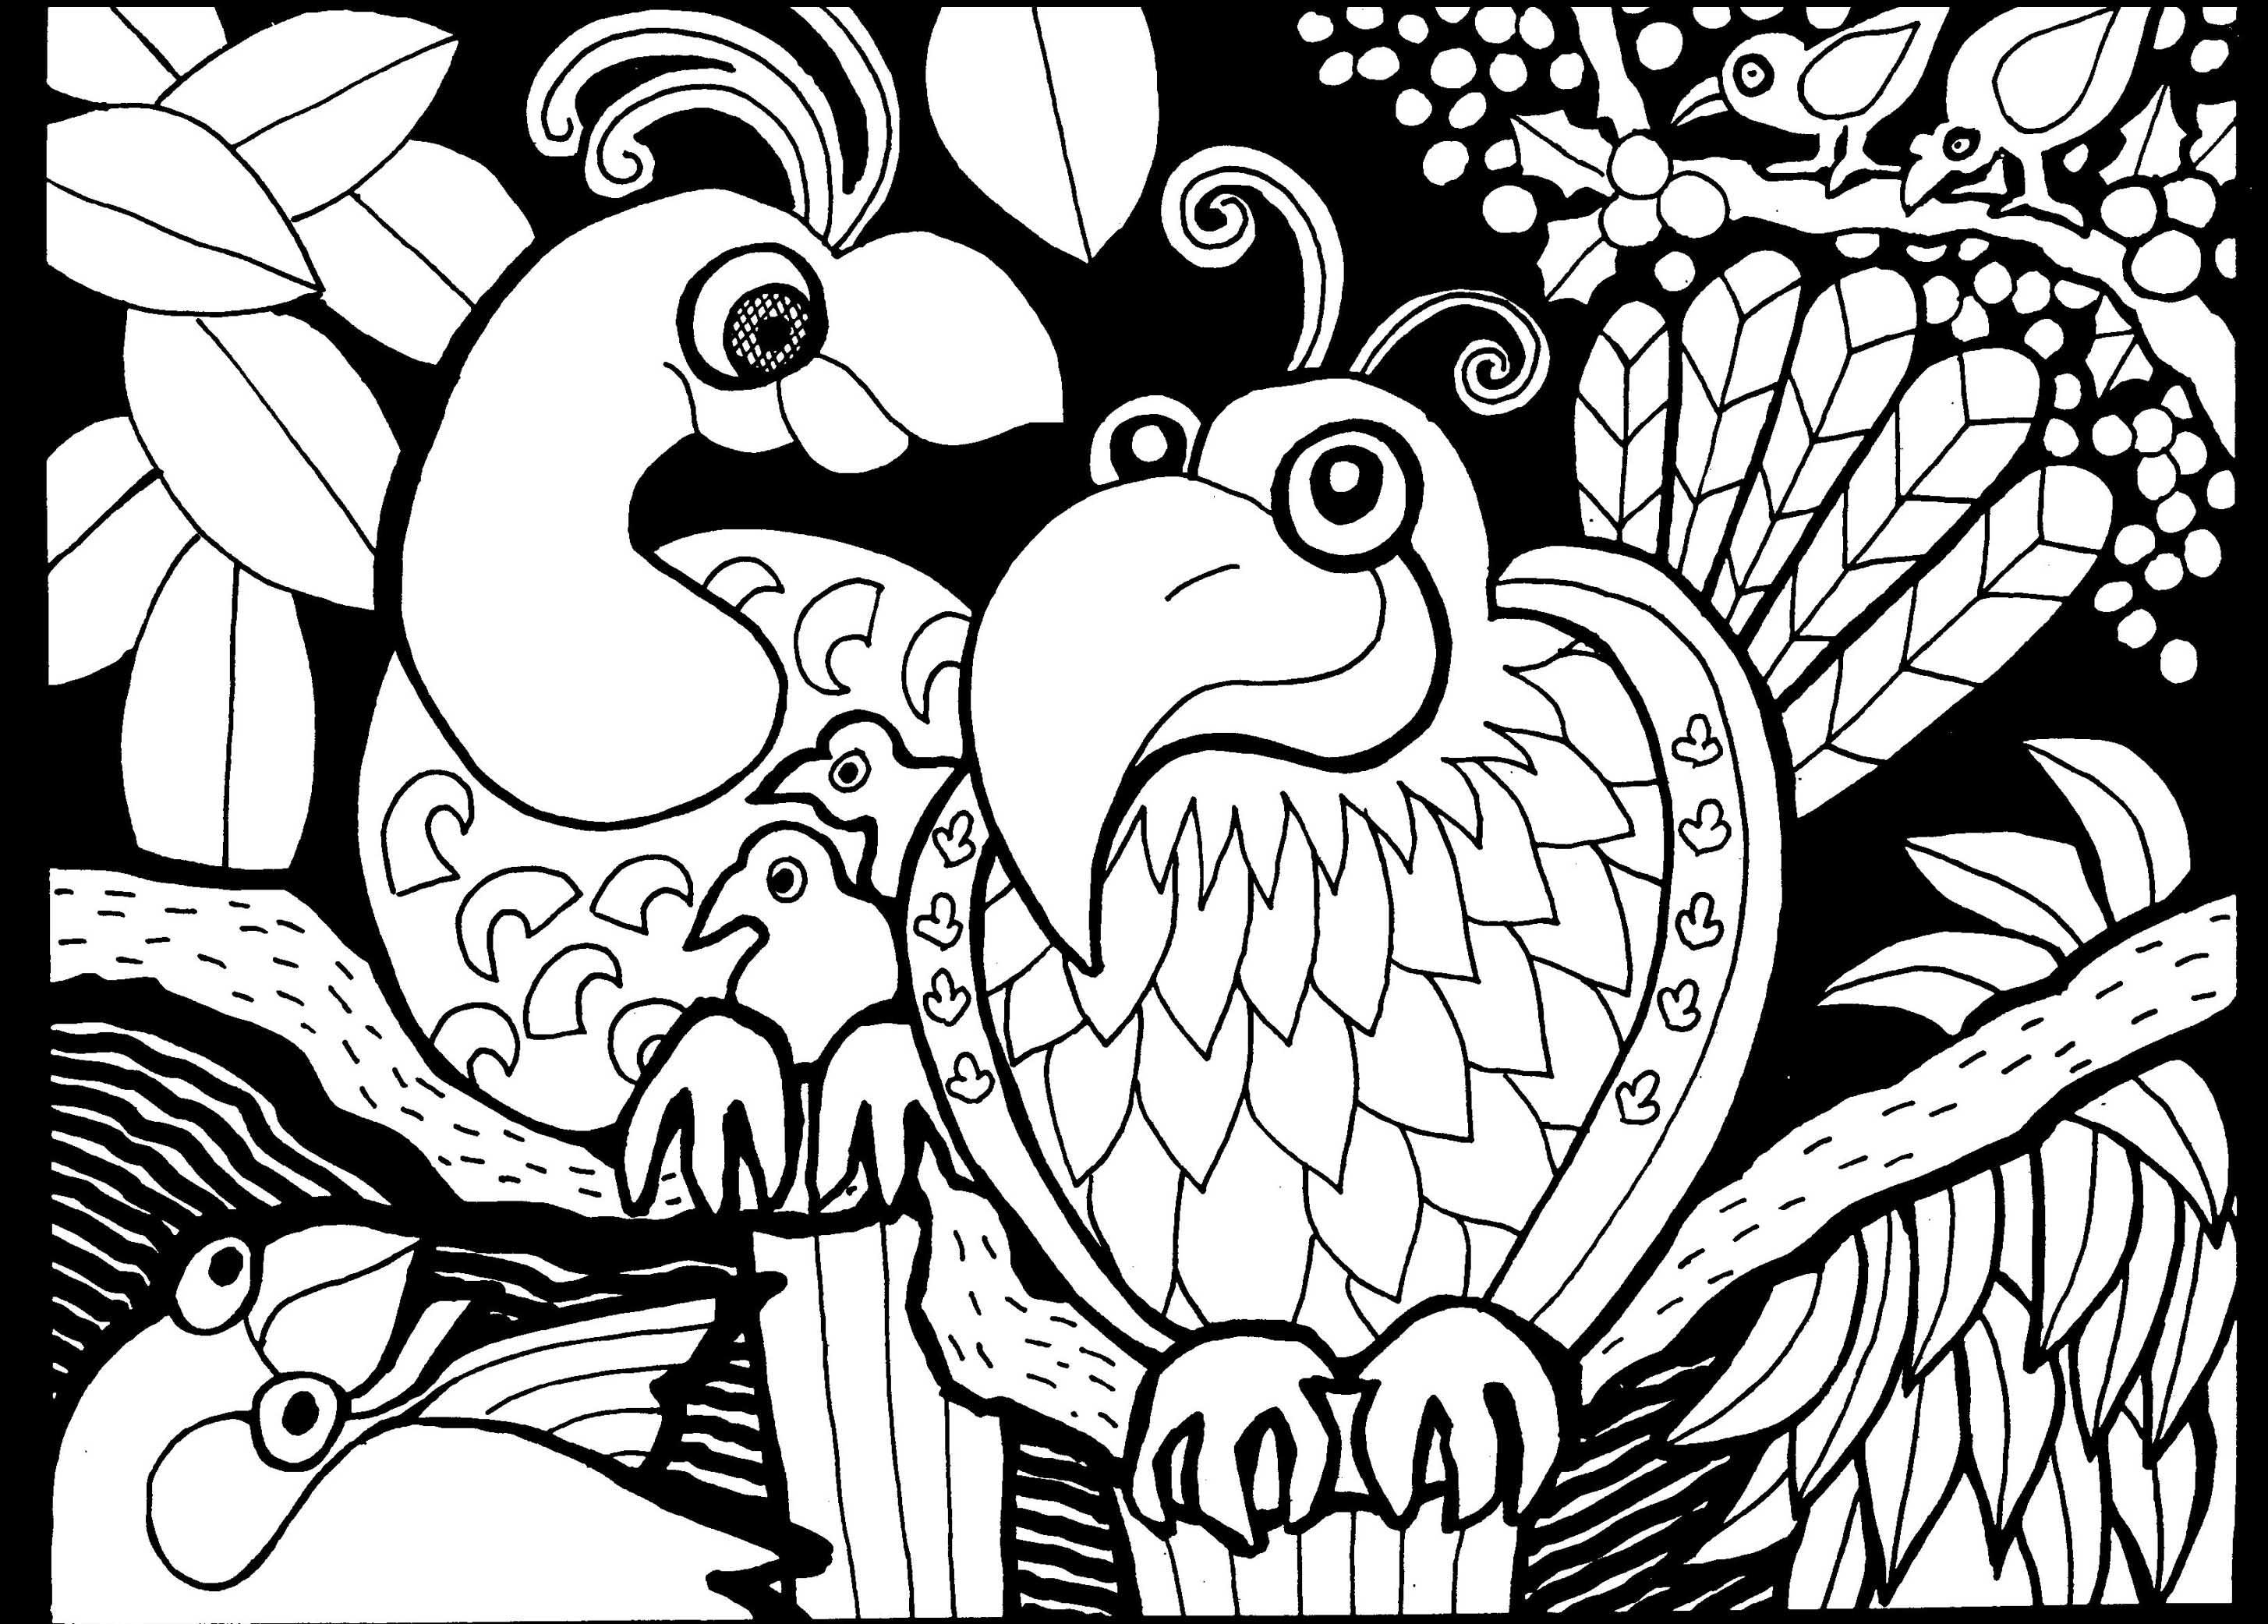 Afrique dessin oiseaux afrique coloriages difficiles pour adultes - Coloriage afrique a imprimer ...